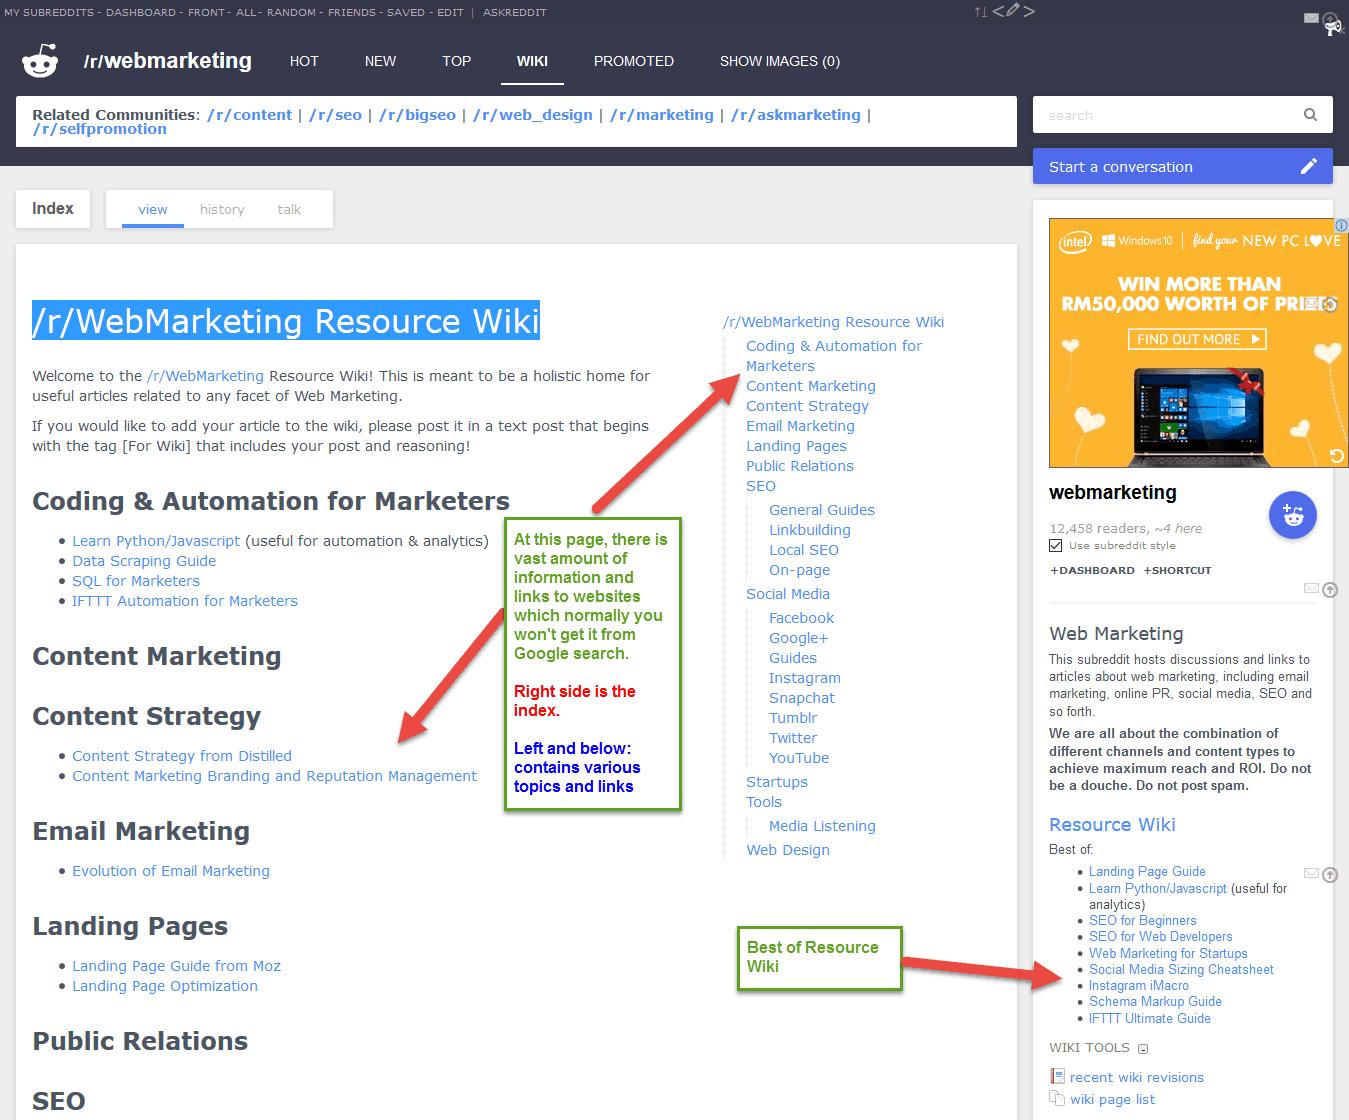 Resource wiki for /r/webmarketing